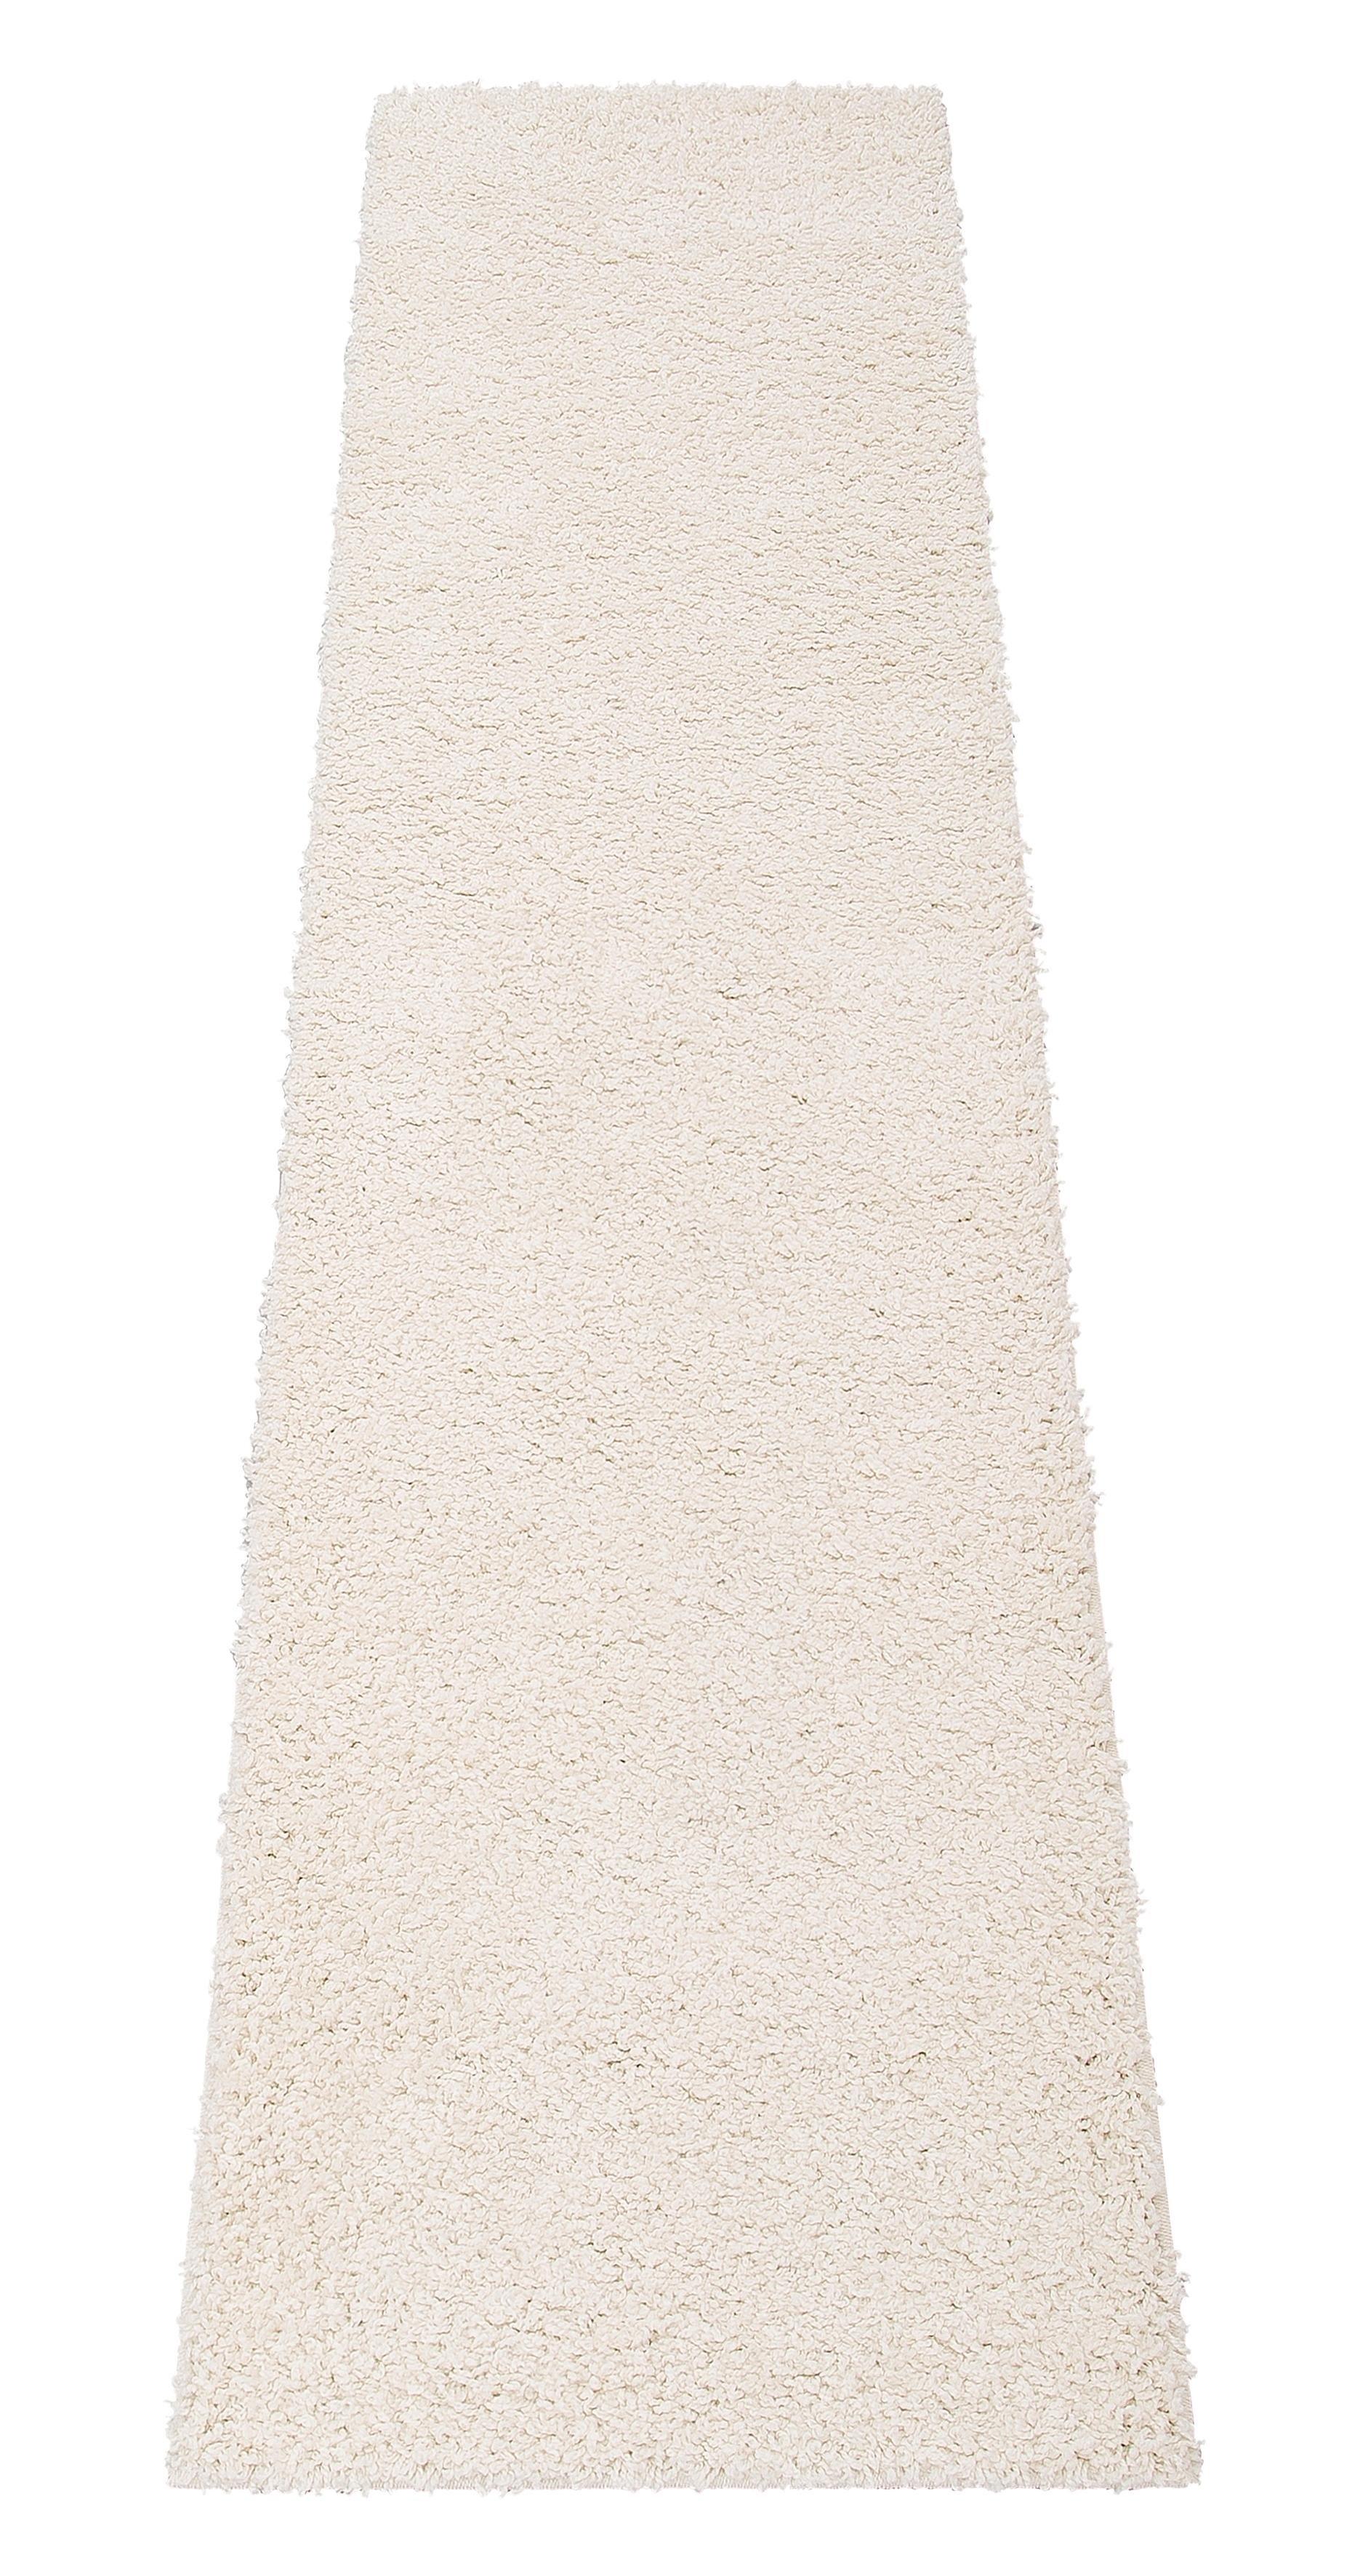 Home affaire Hoogpolige loper, »Shaggy 30«,Collection, rechthoekig, hoogte 30 mm, machinaal geweven veilig op otto.nl kopen